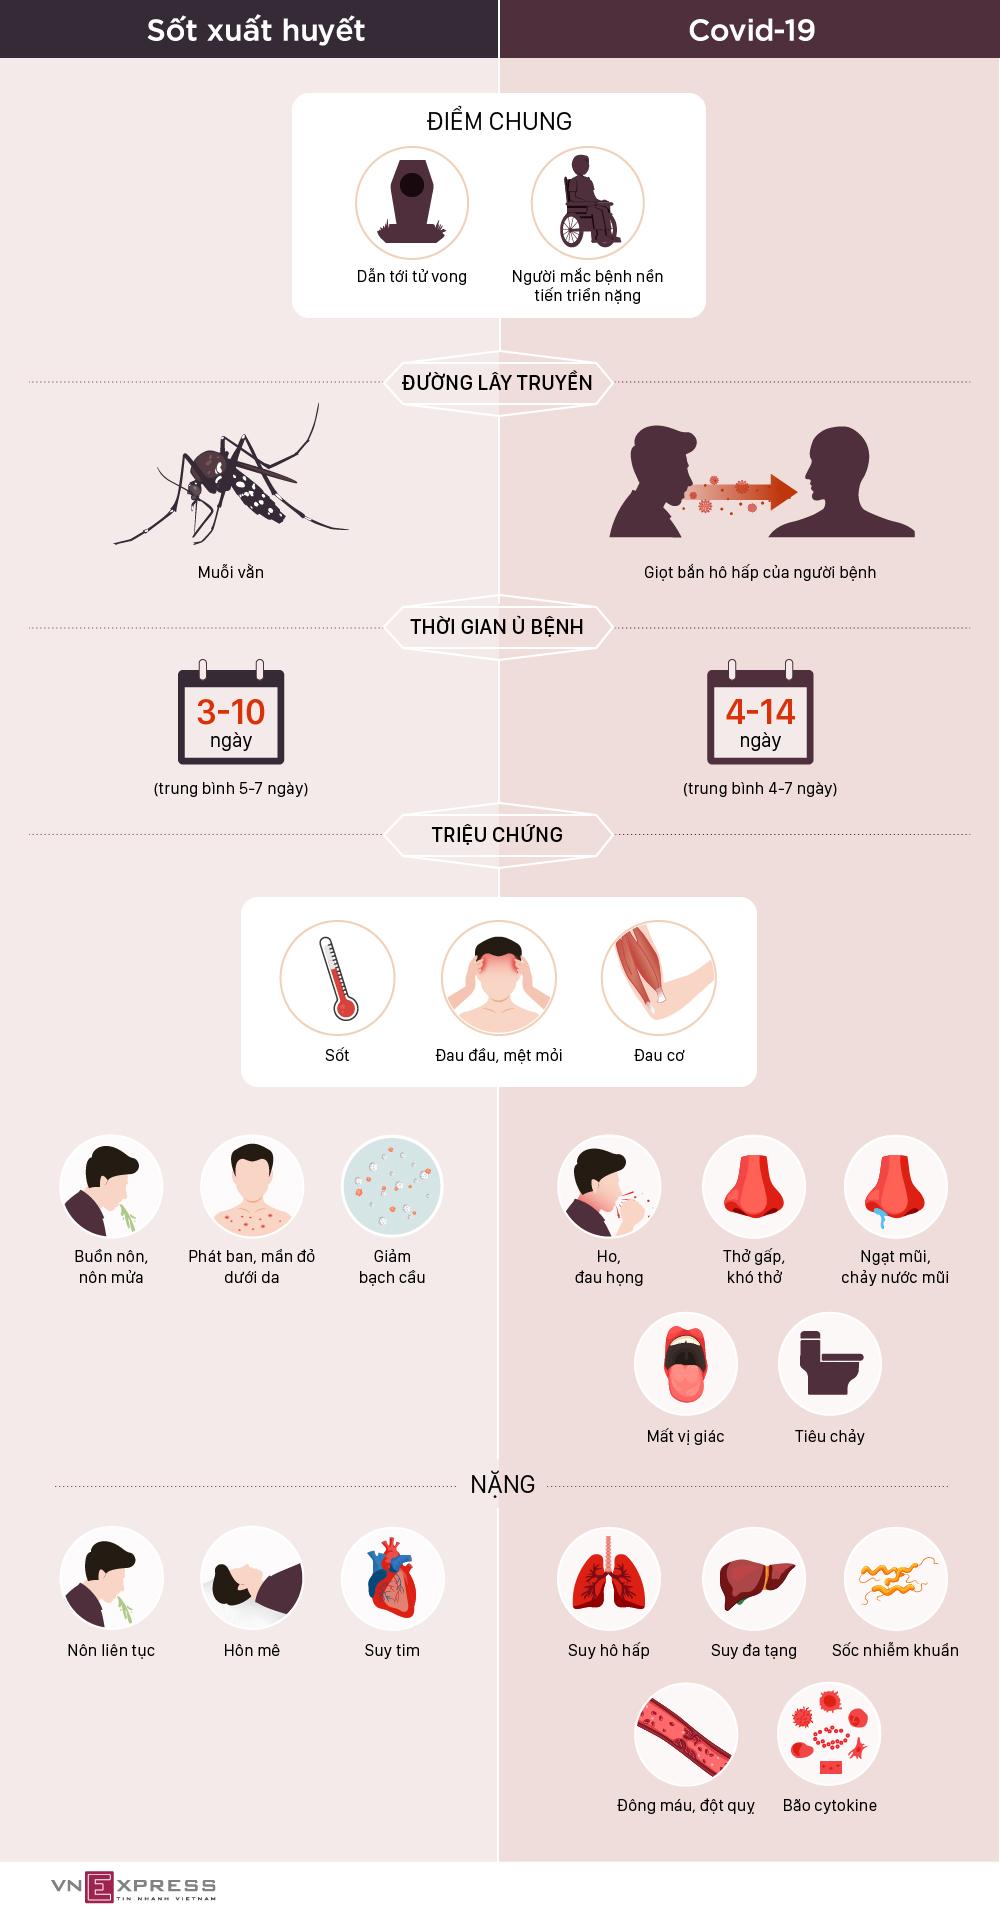 Phân biệt triệu chứng Covid-19 và sốt xuất huyết